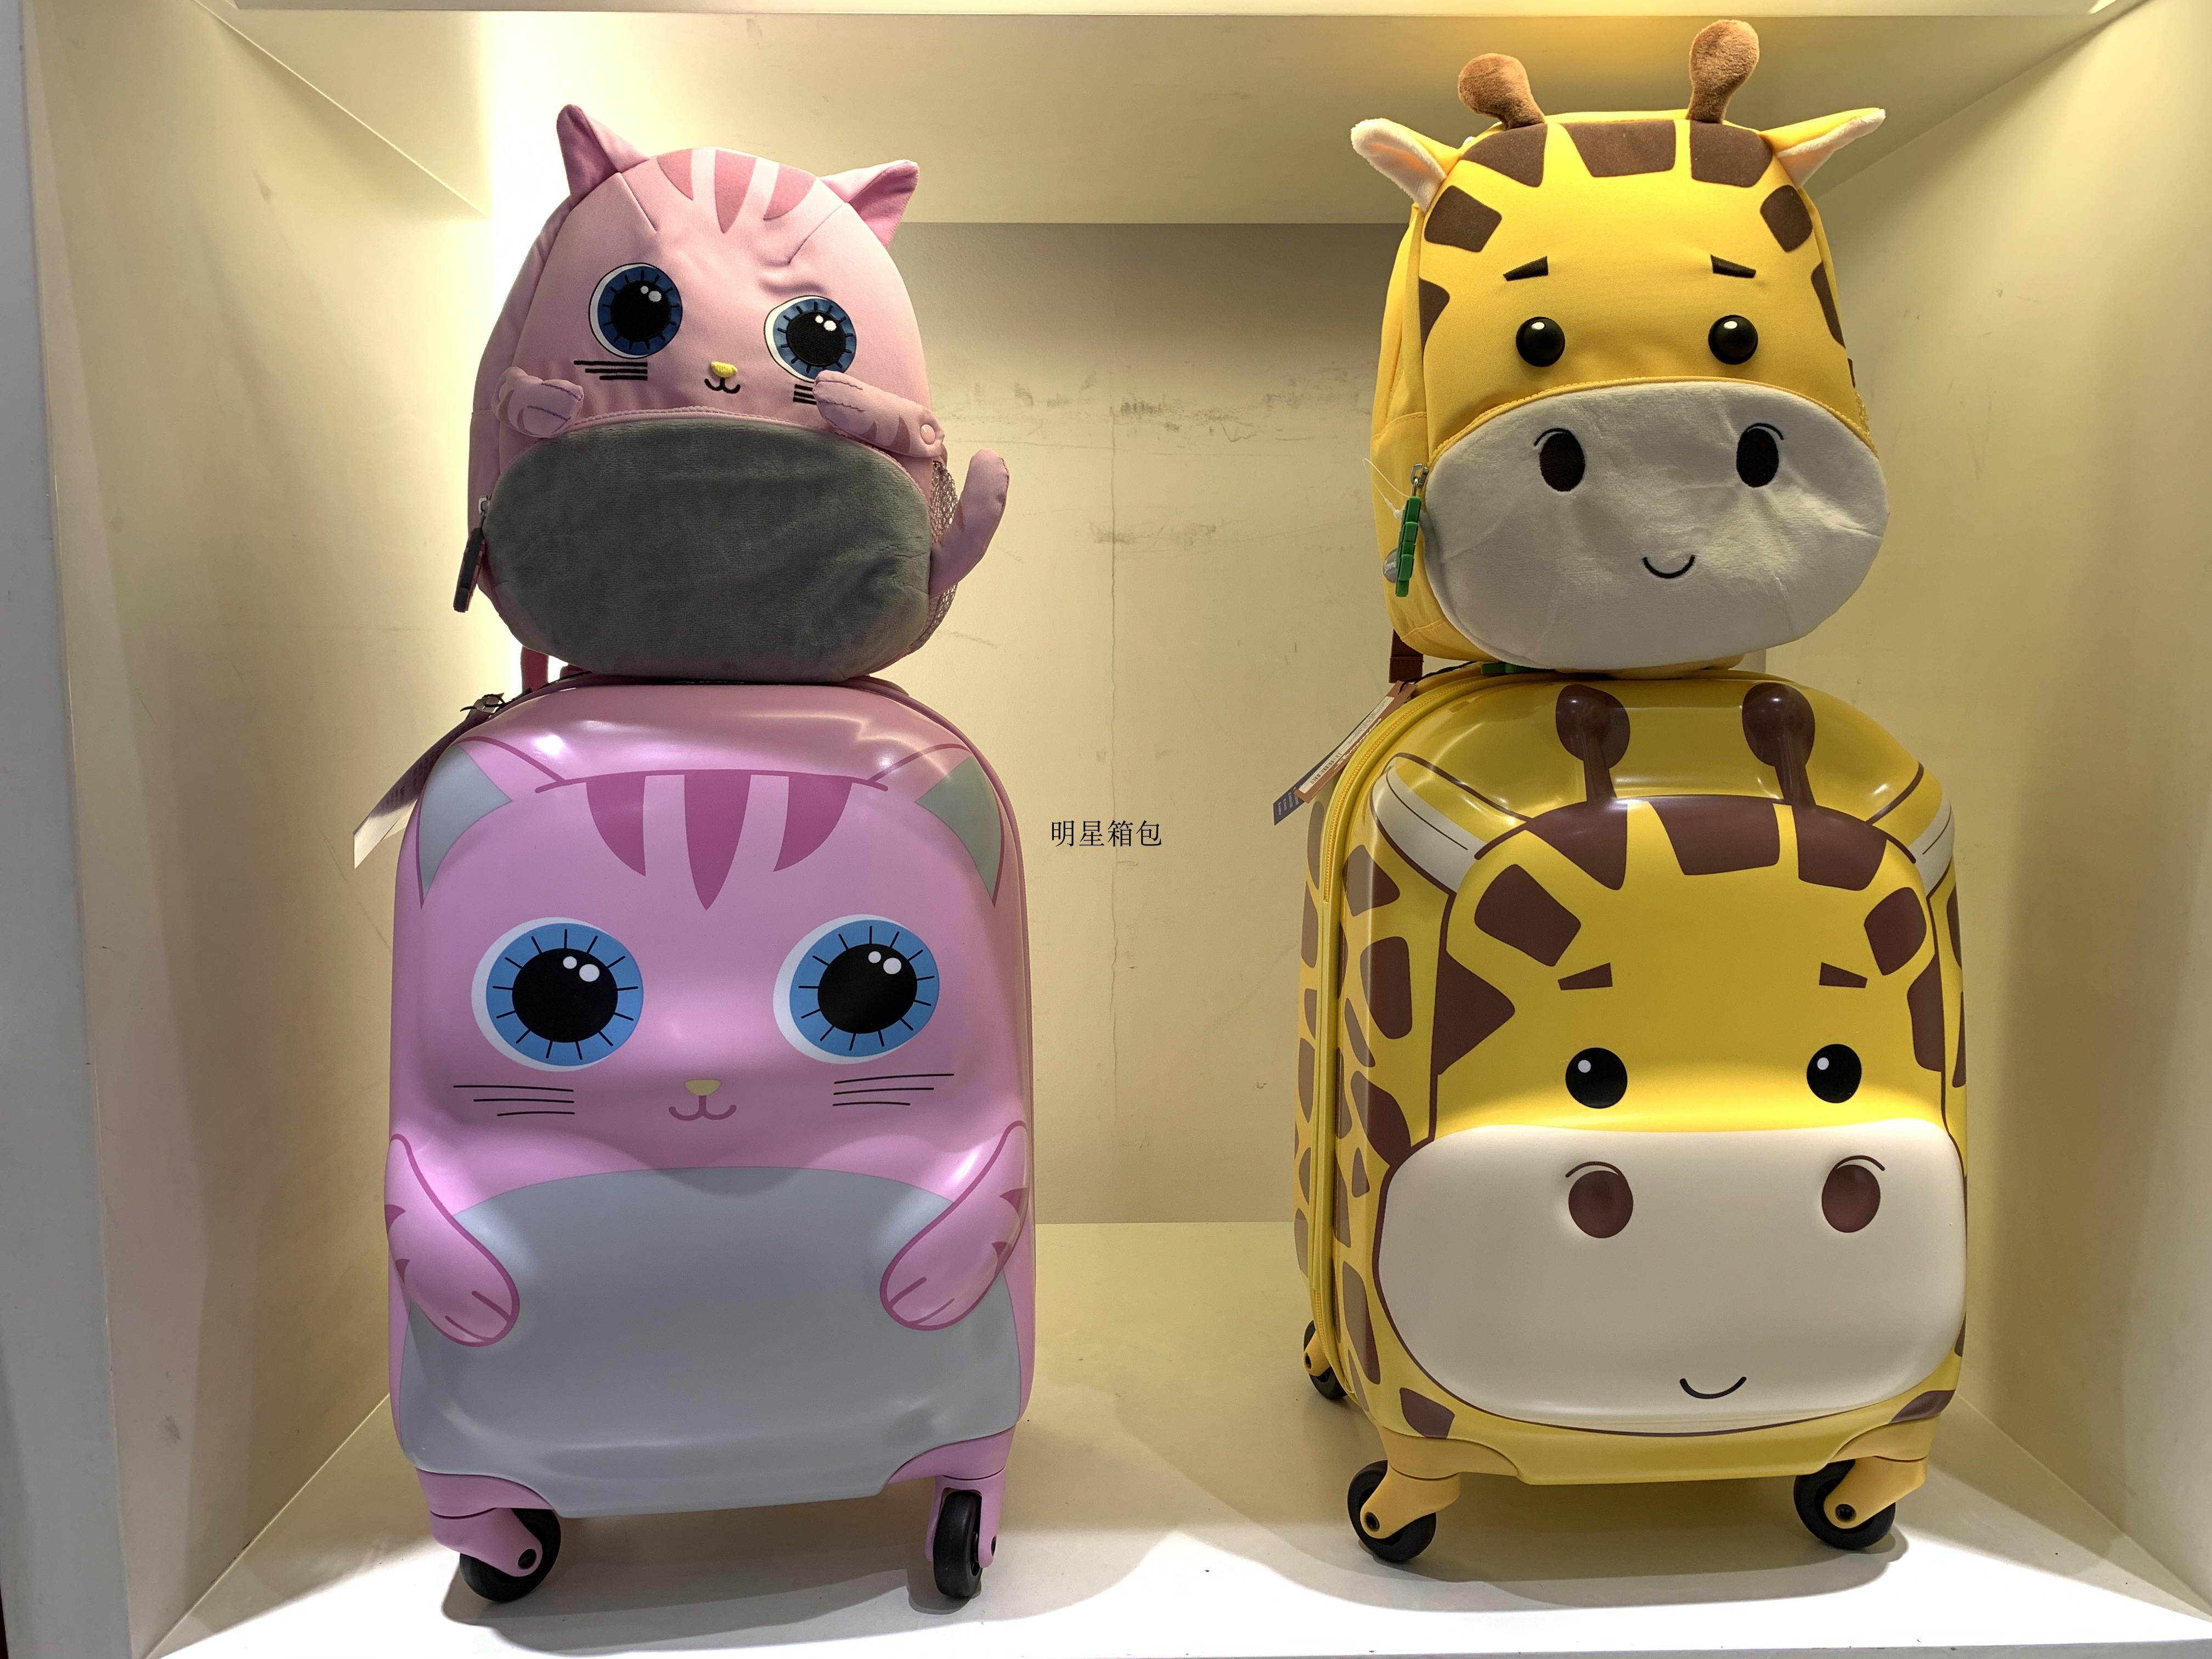 ✴◐ กระเป๋าเดินทางพกพา  กระเป๋ารถเข็นเดินทางกระเป๋าเดินทางเด็ก กระเป๋าเดินทางเด็ก Samsonite U22 กระเป๋ารถเข็นรูปสัตว์น่าร